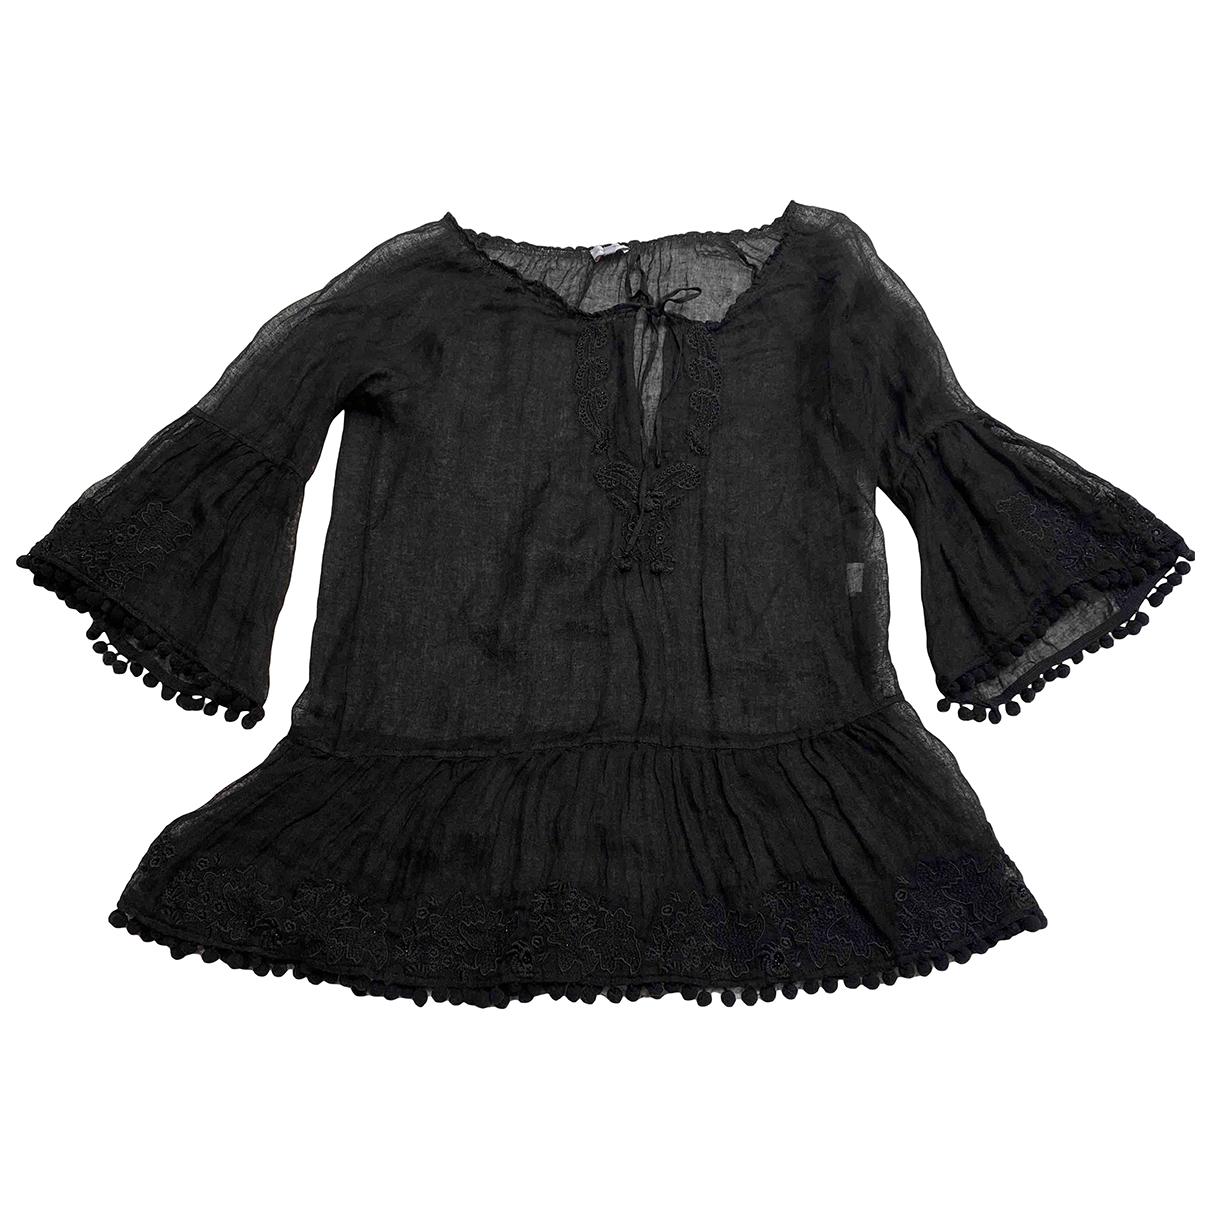 Emamo \N Black Linen dress for Women M International